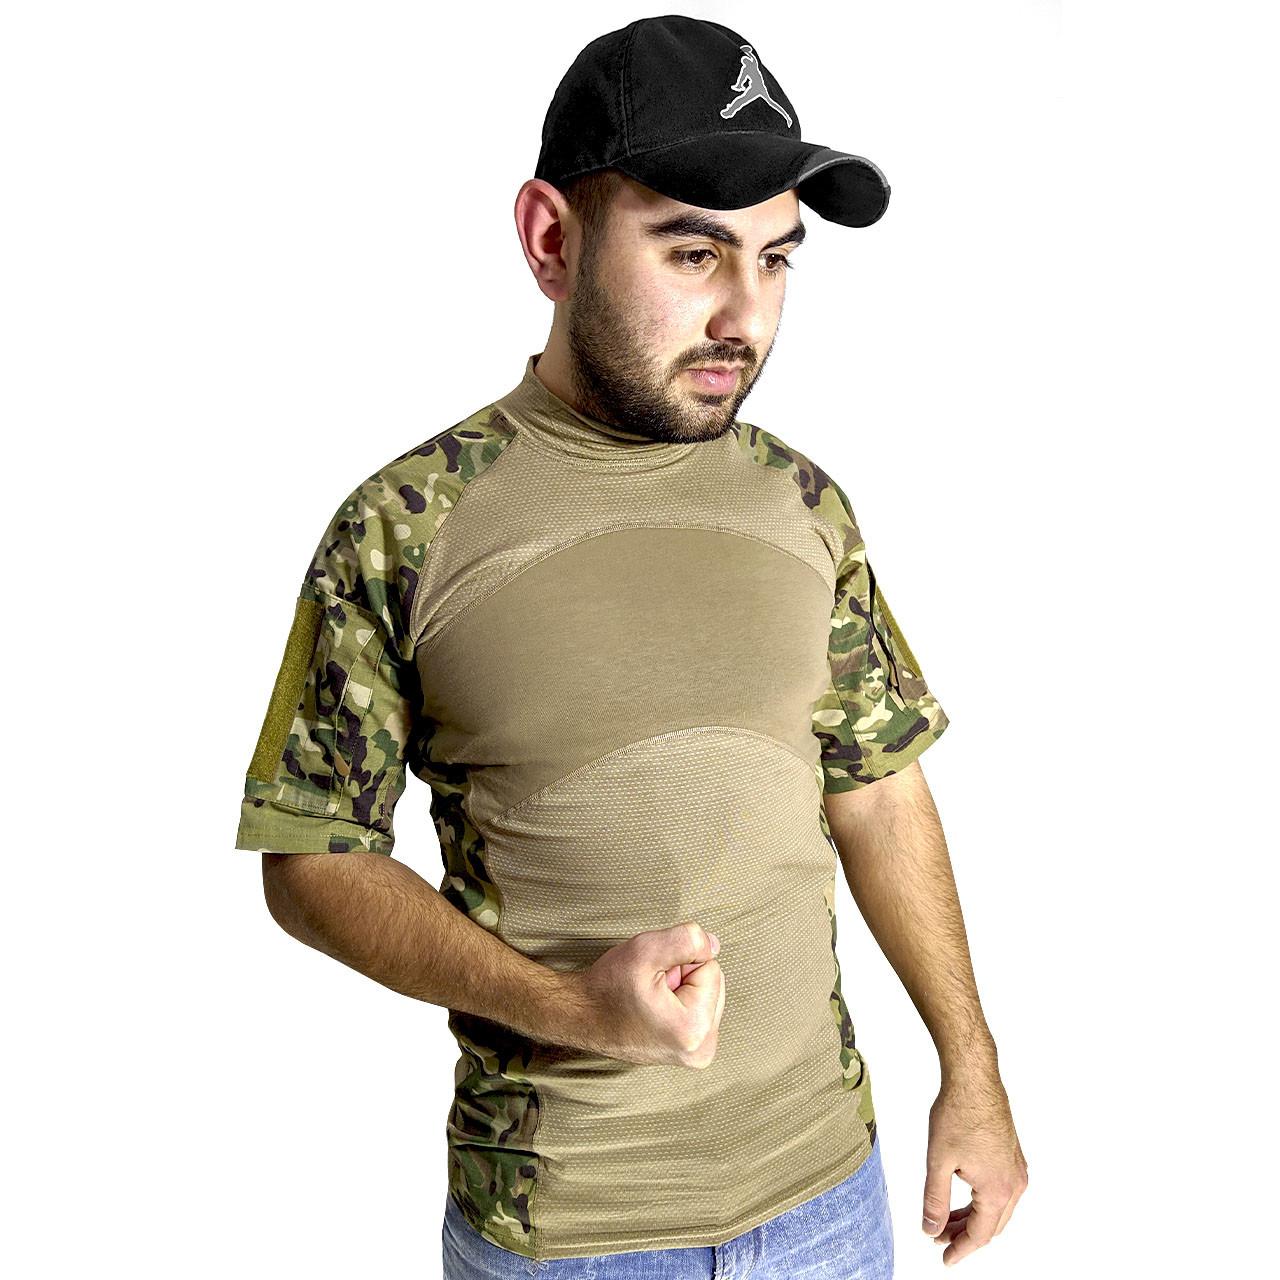 Тактическая футболка с коротким рукавом ESDY A424 Camouflage XXL мужская армейская камуфляжная с карманами